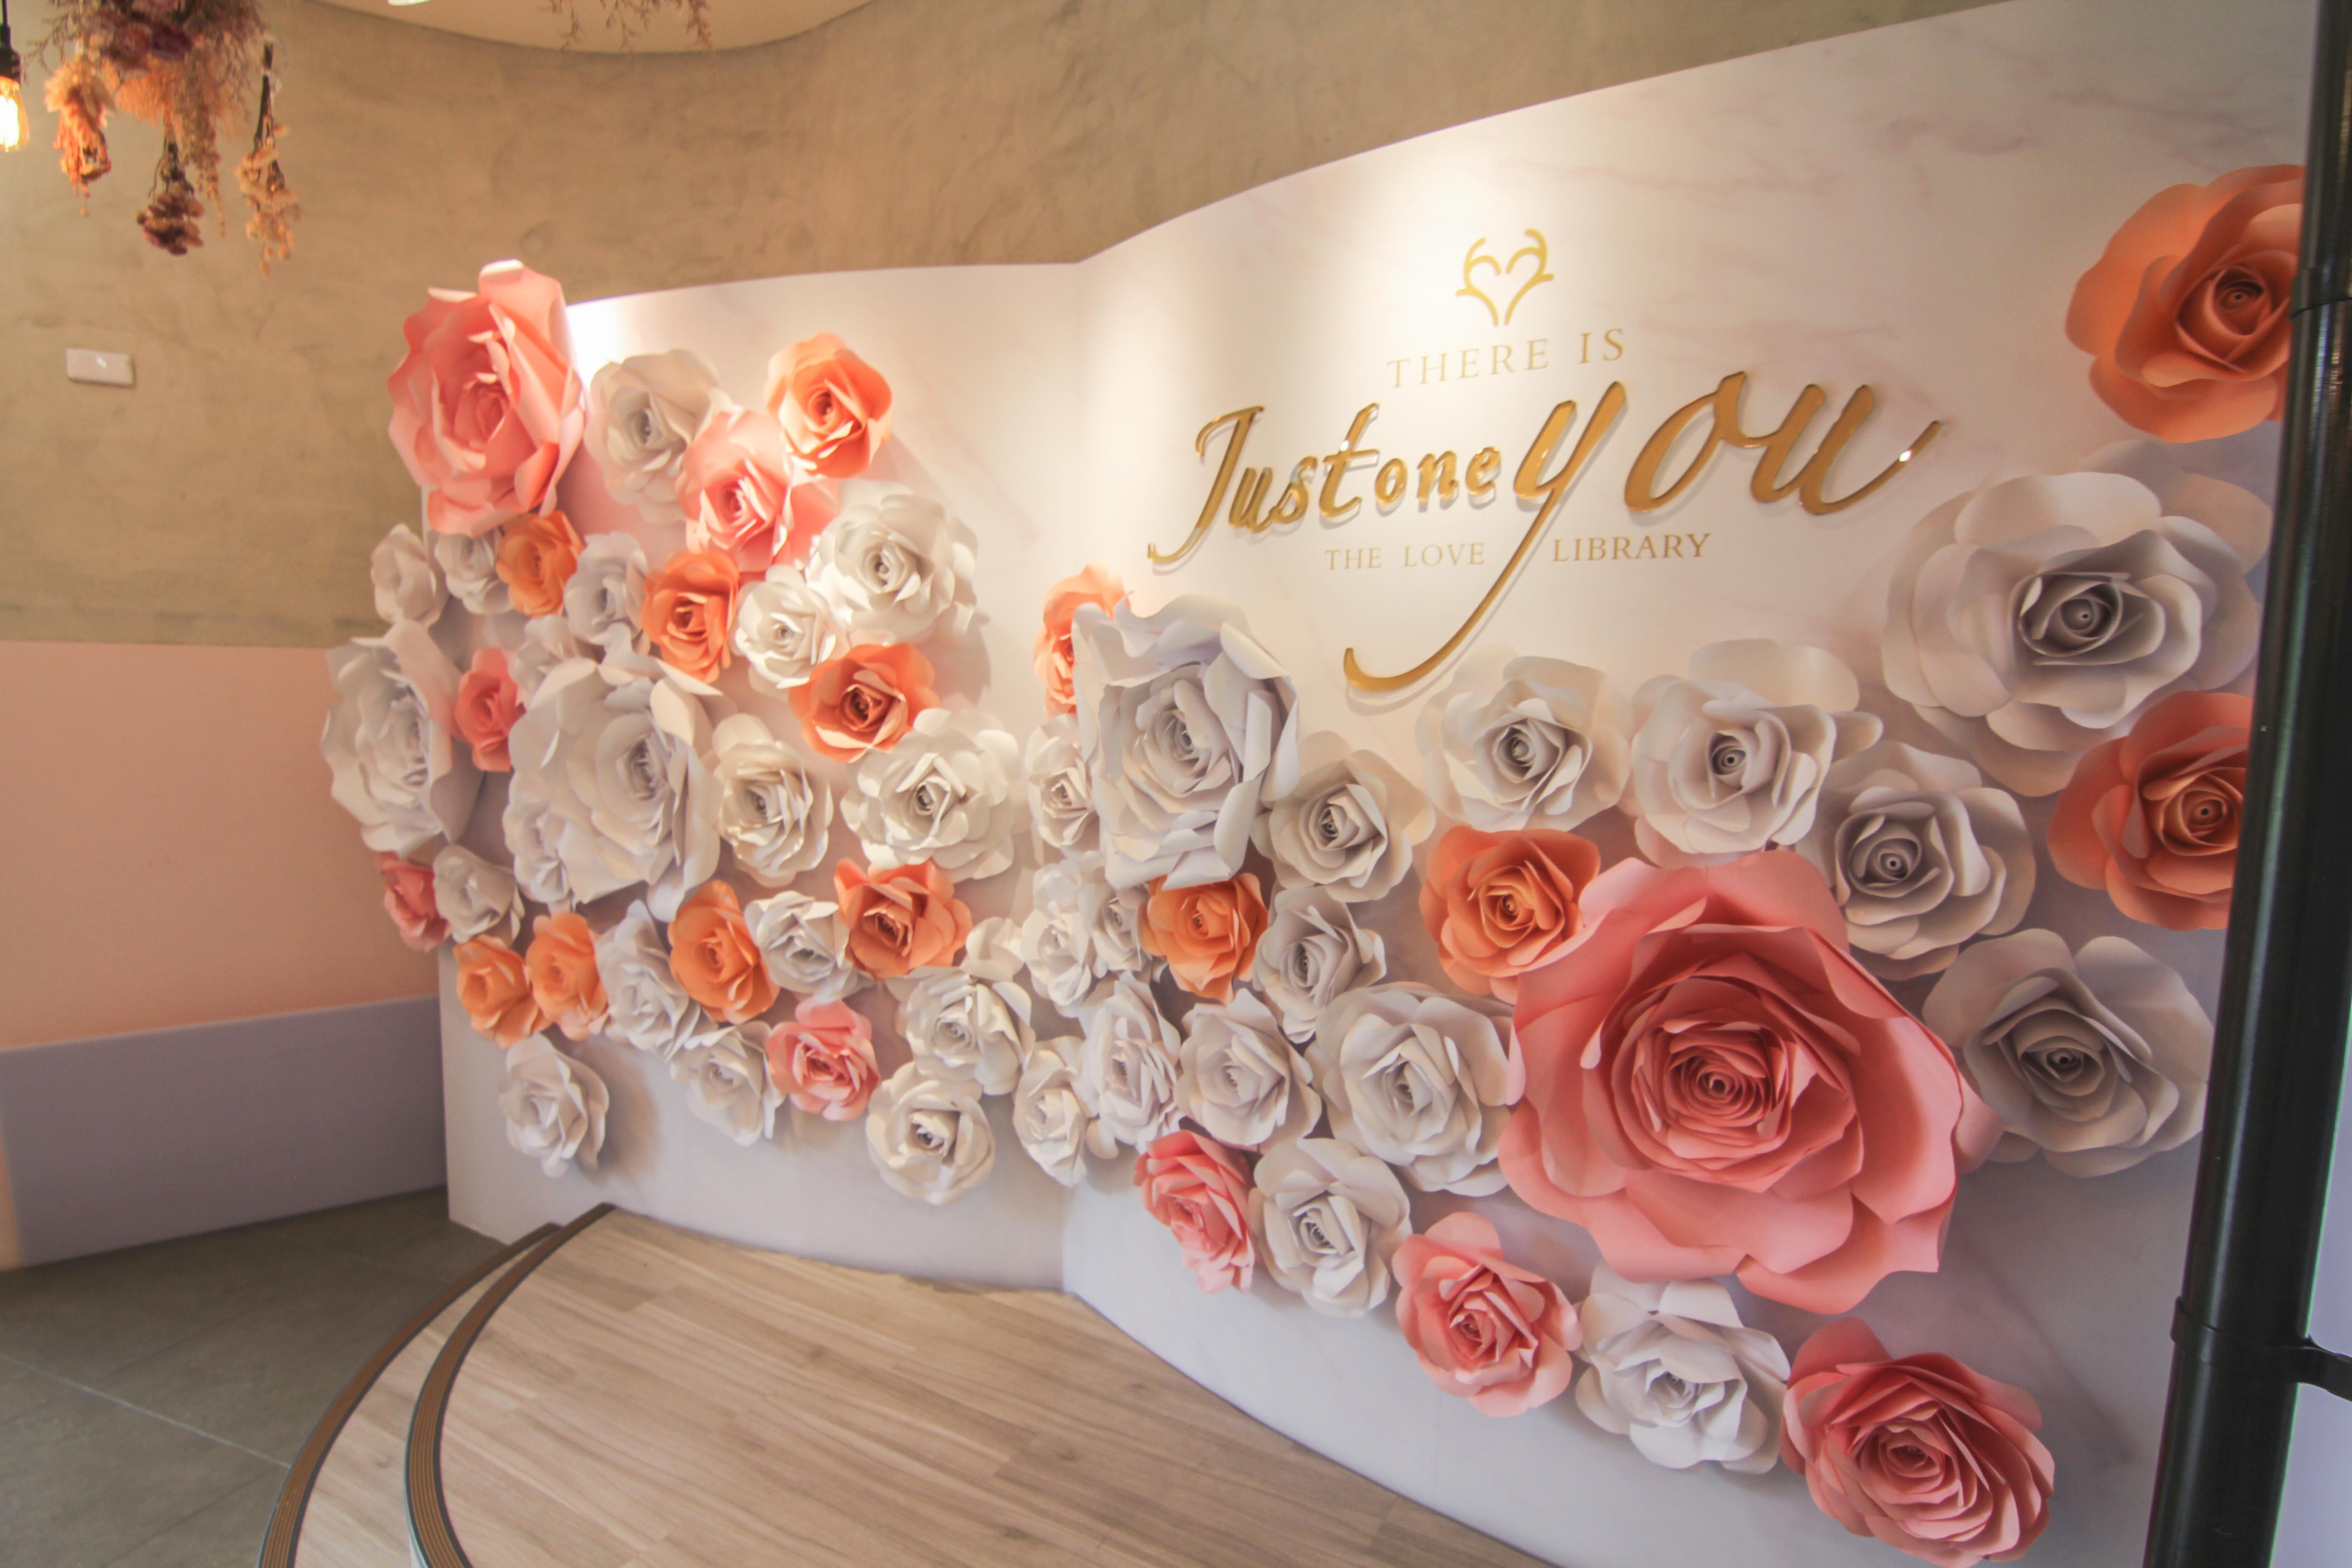 室内で花を飾り壁